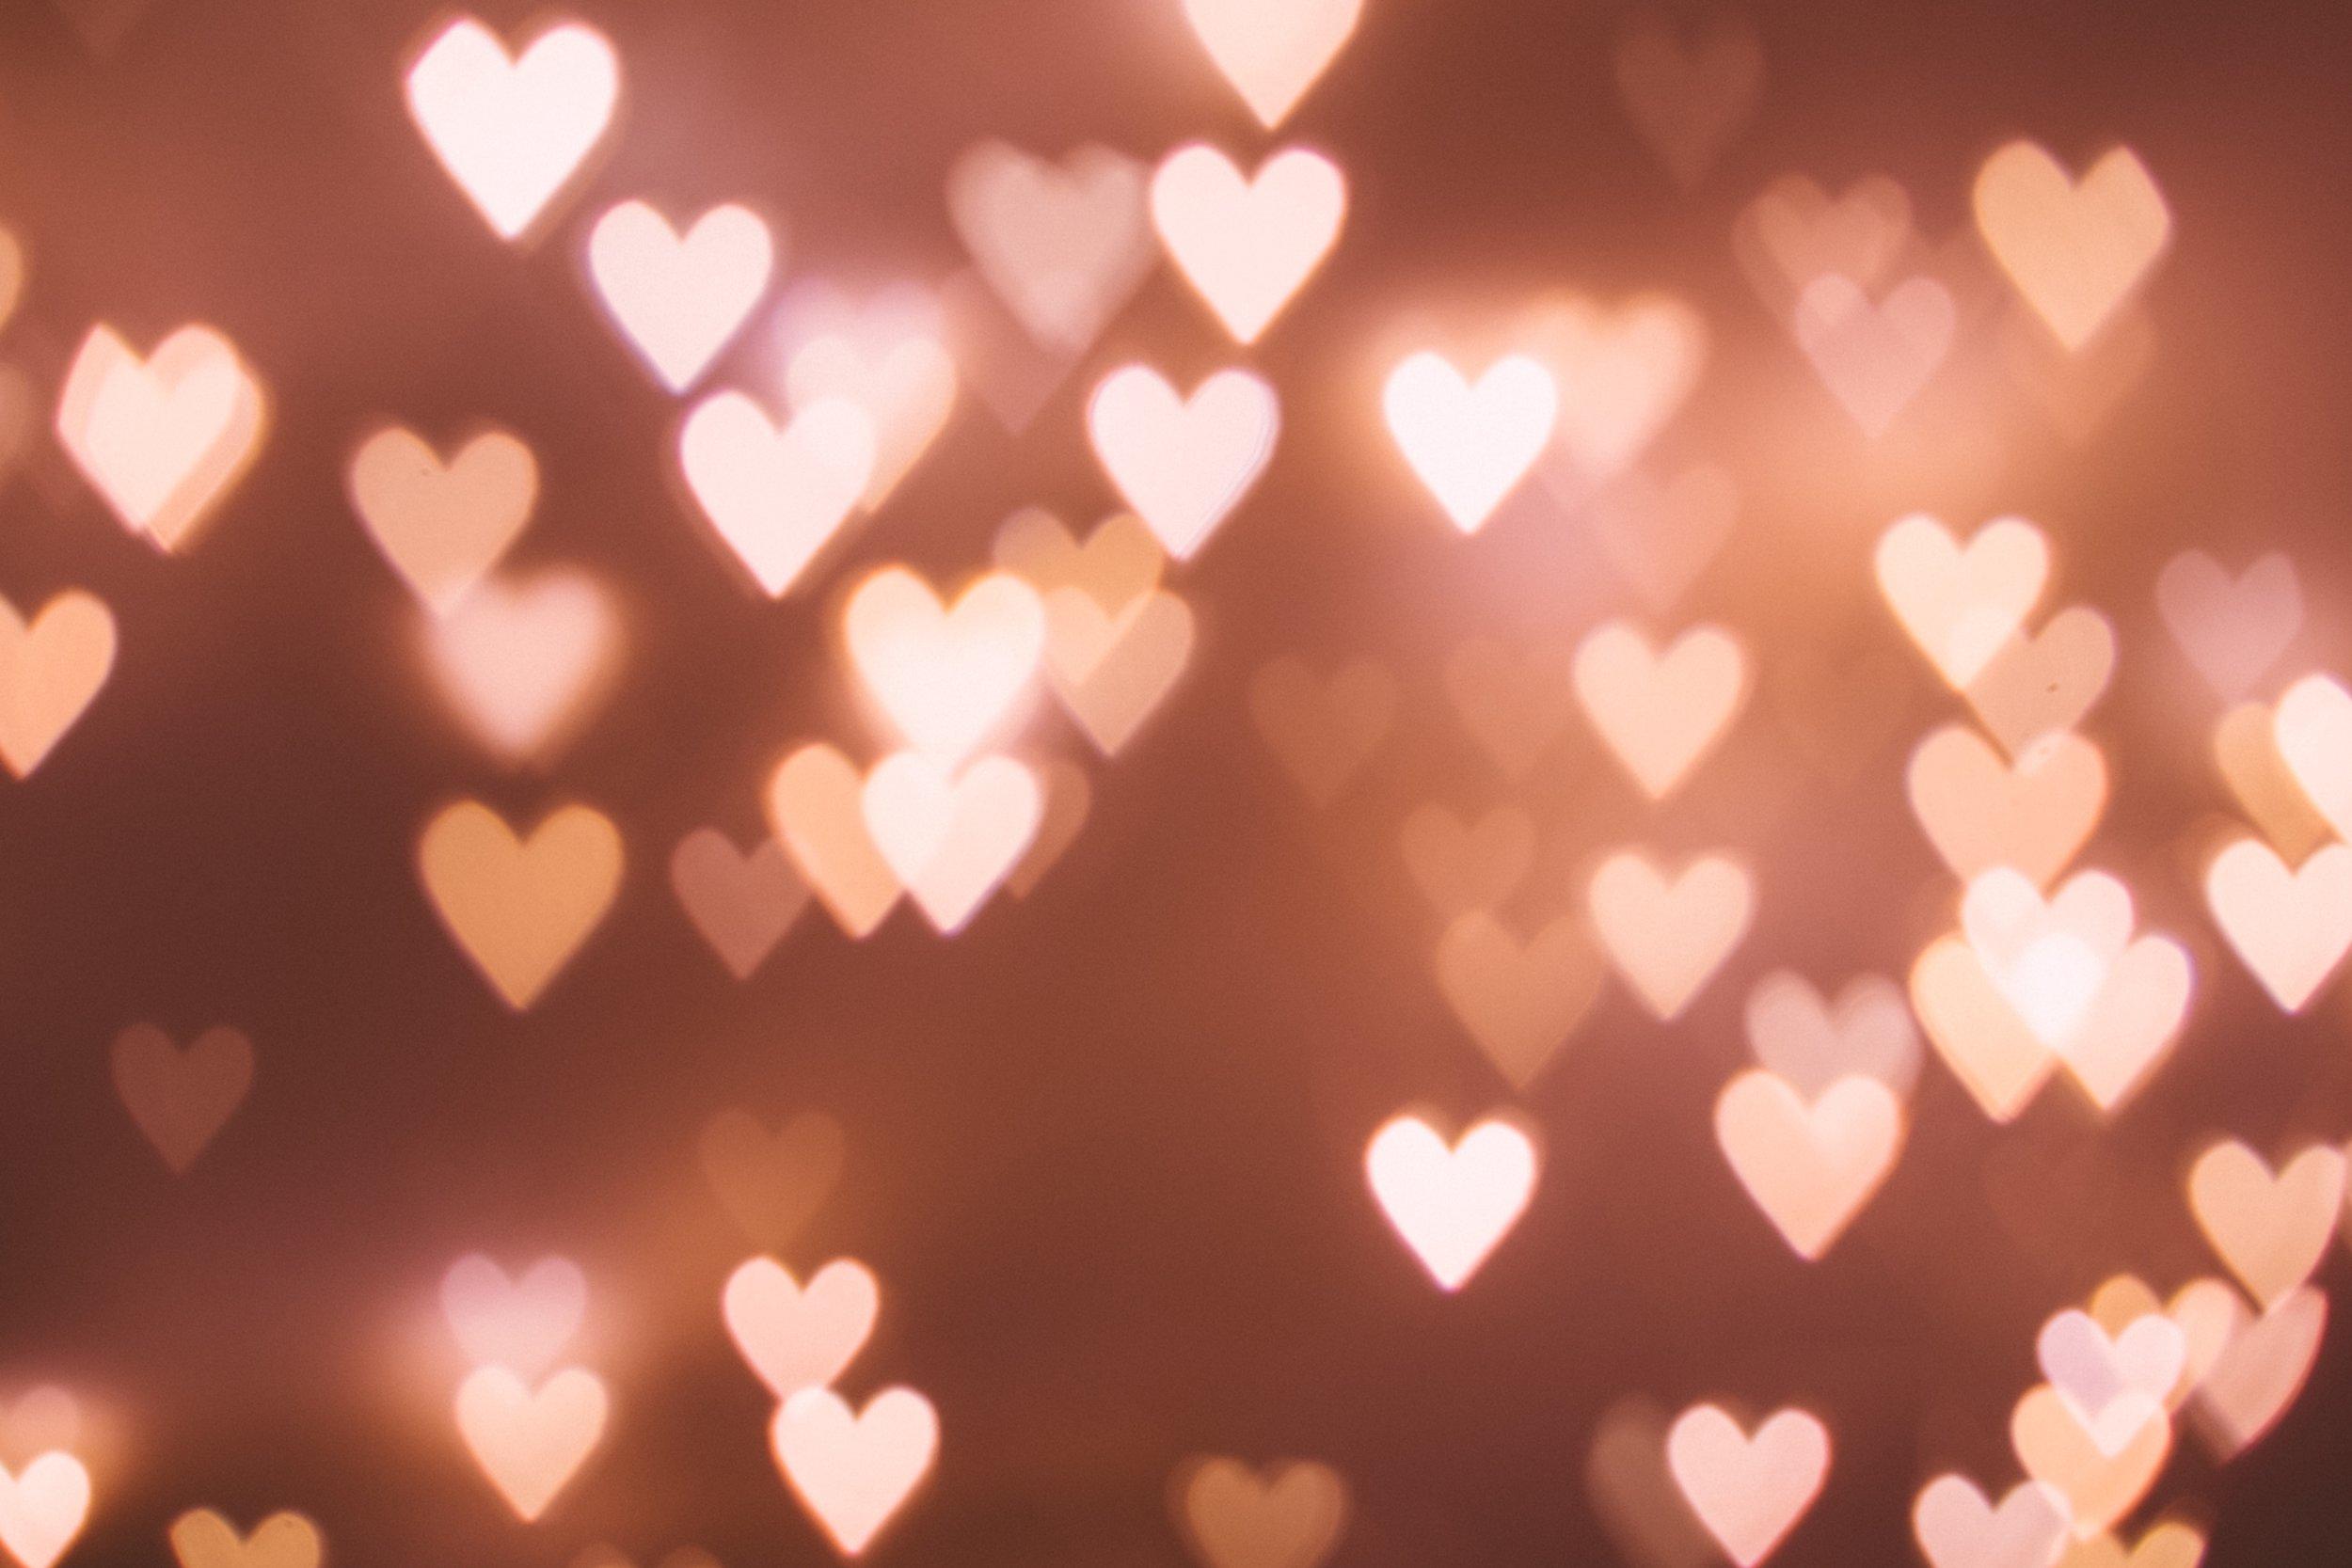 Tiny hearts floating.